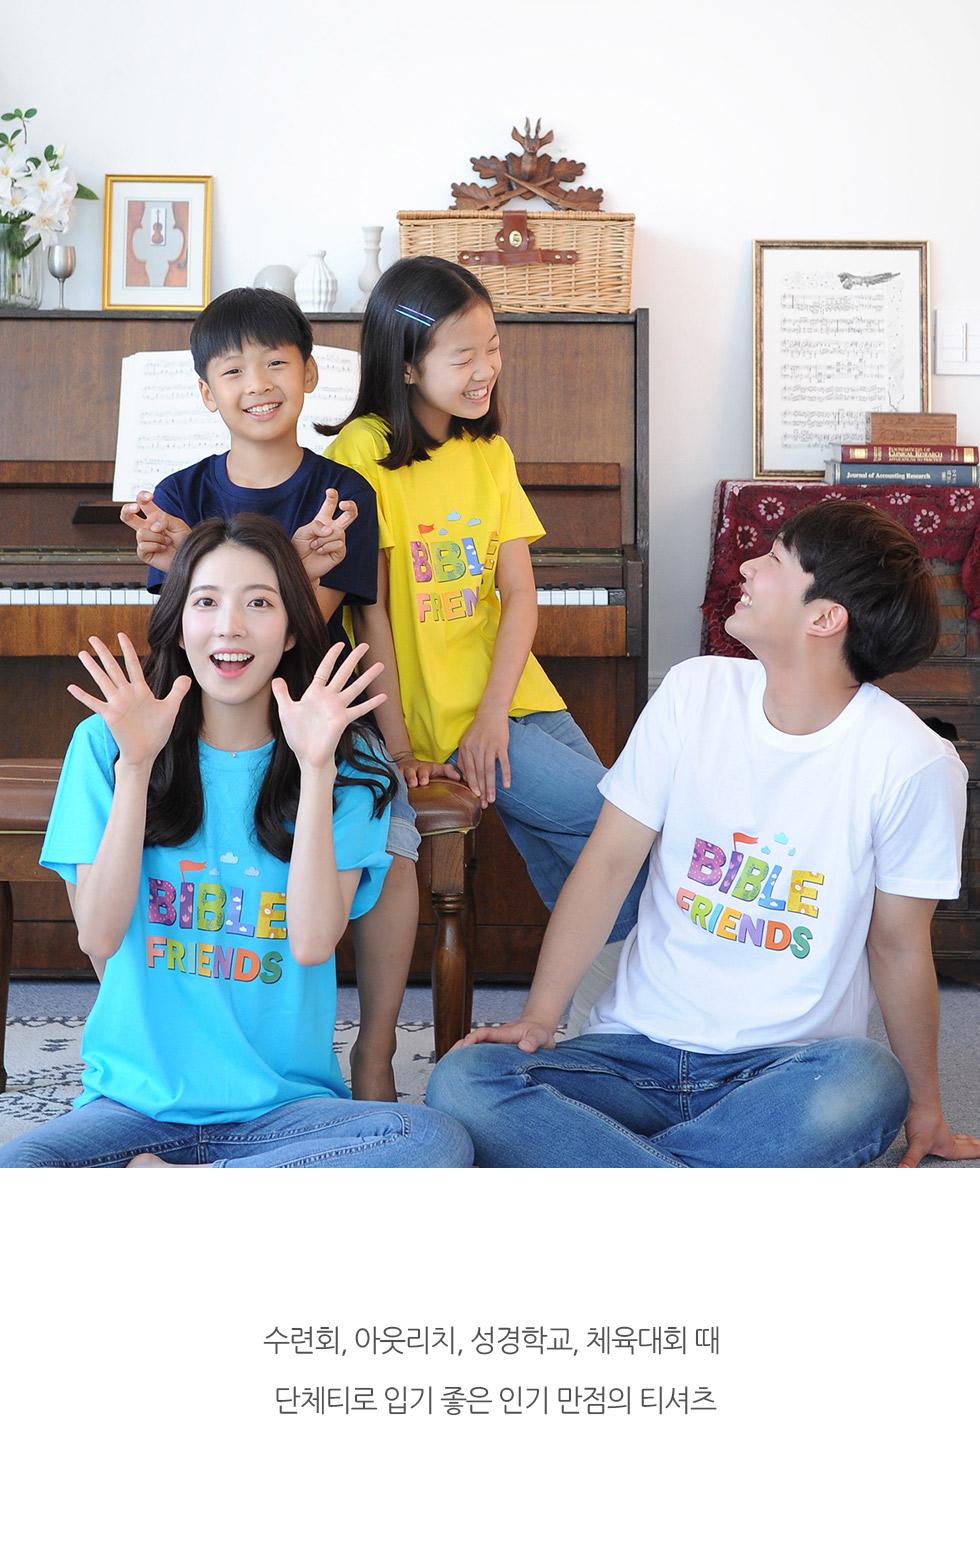 수련회, 아웃리치, 성경학교 어떤 행사에도 입기좋은 인기만점 티셔츠